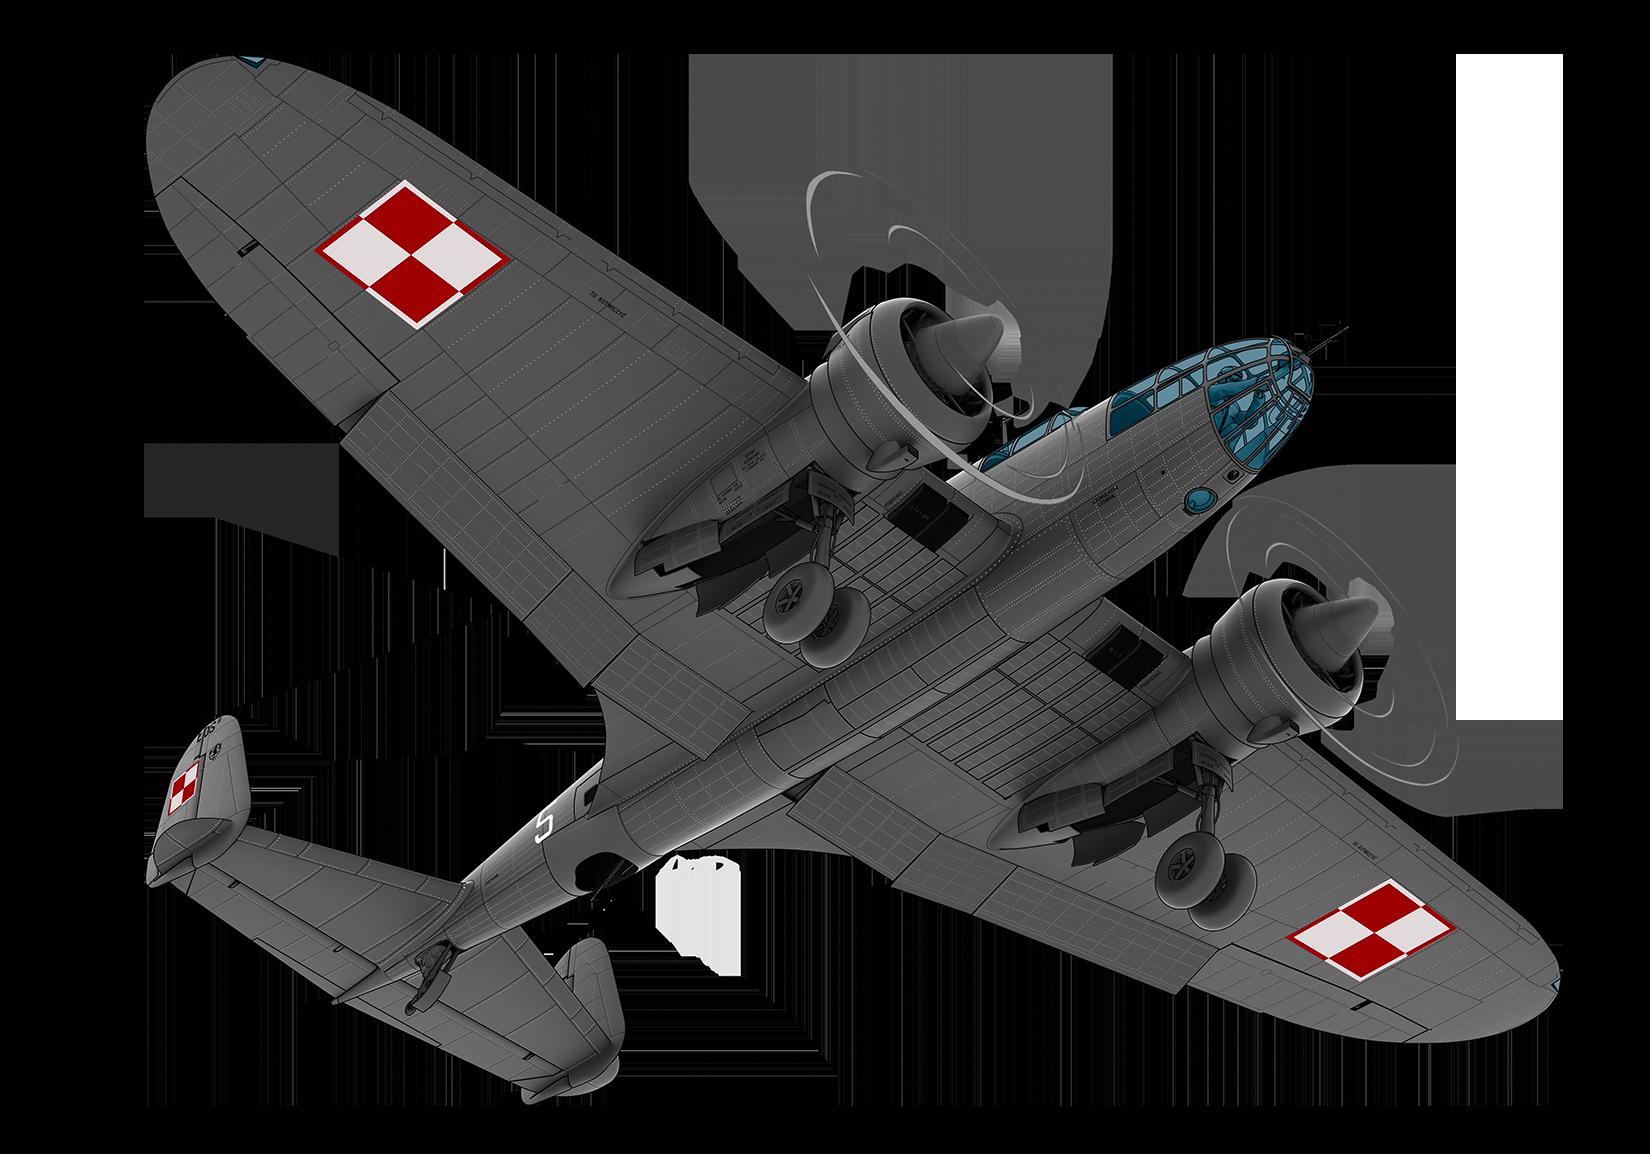 PZL 37 BII model 3D render